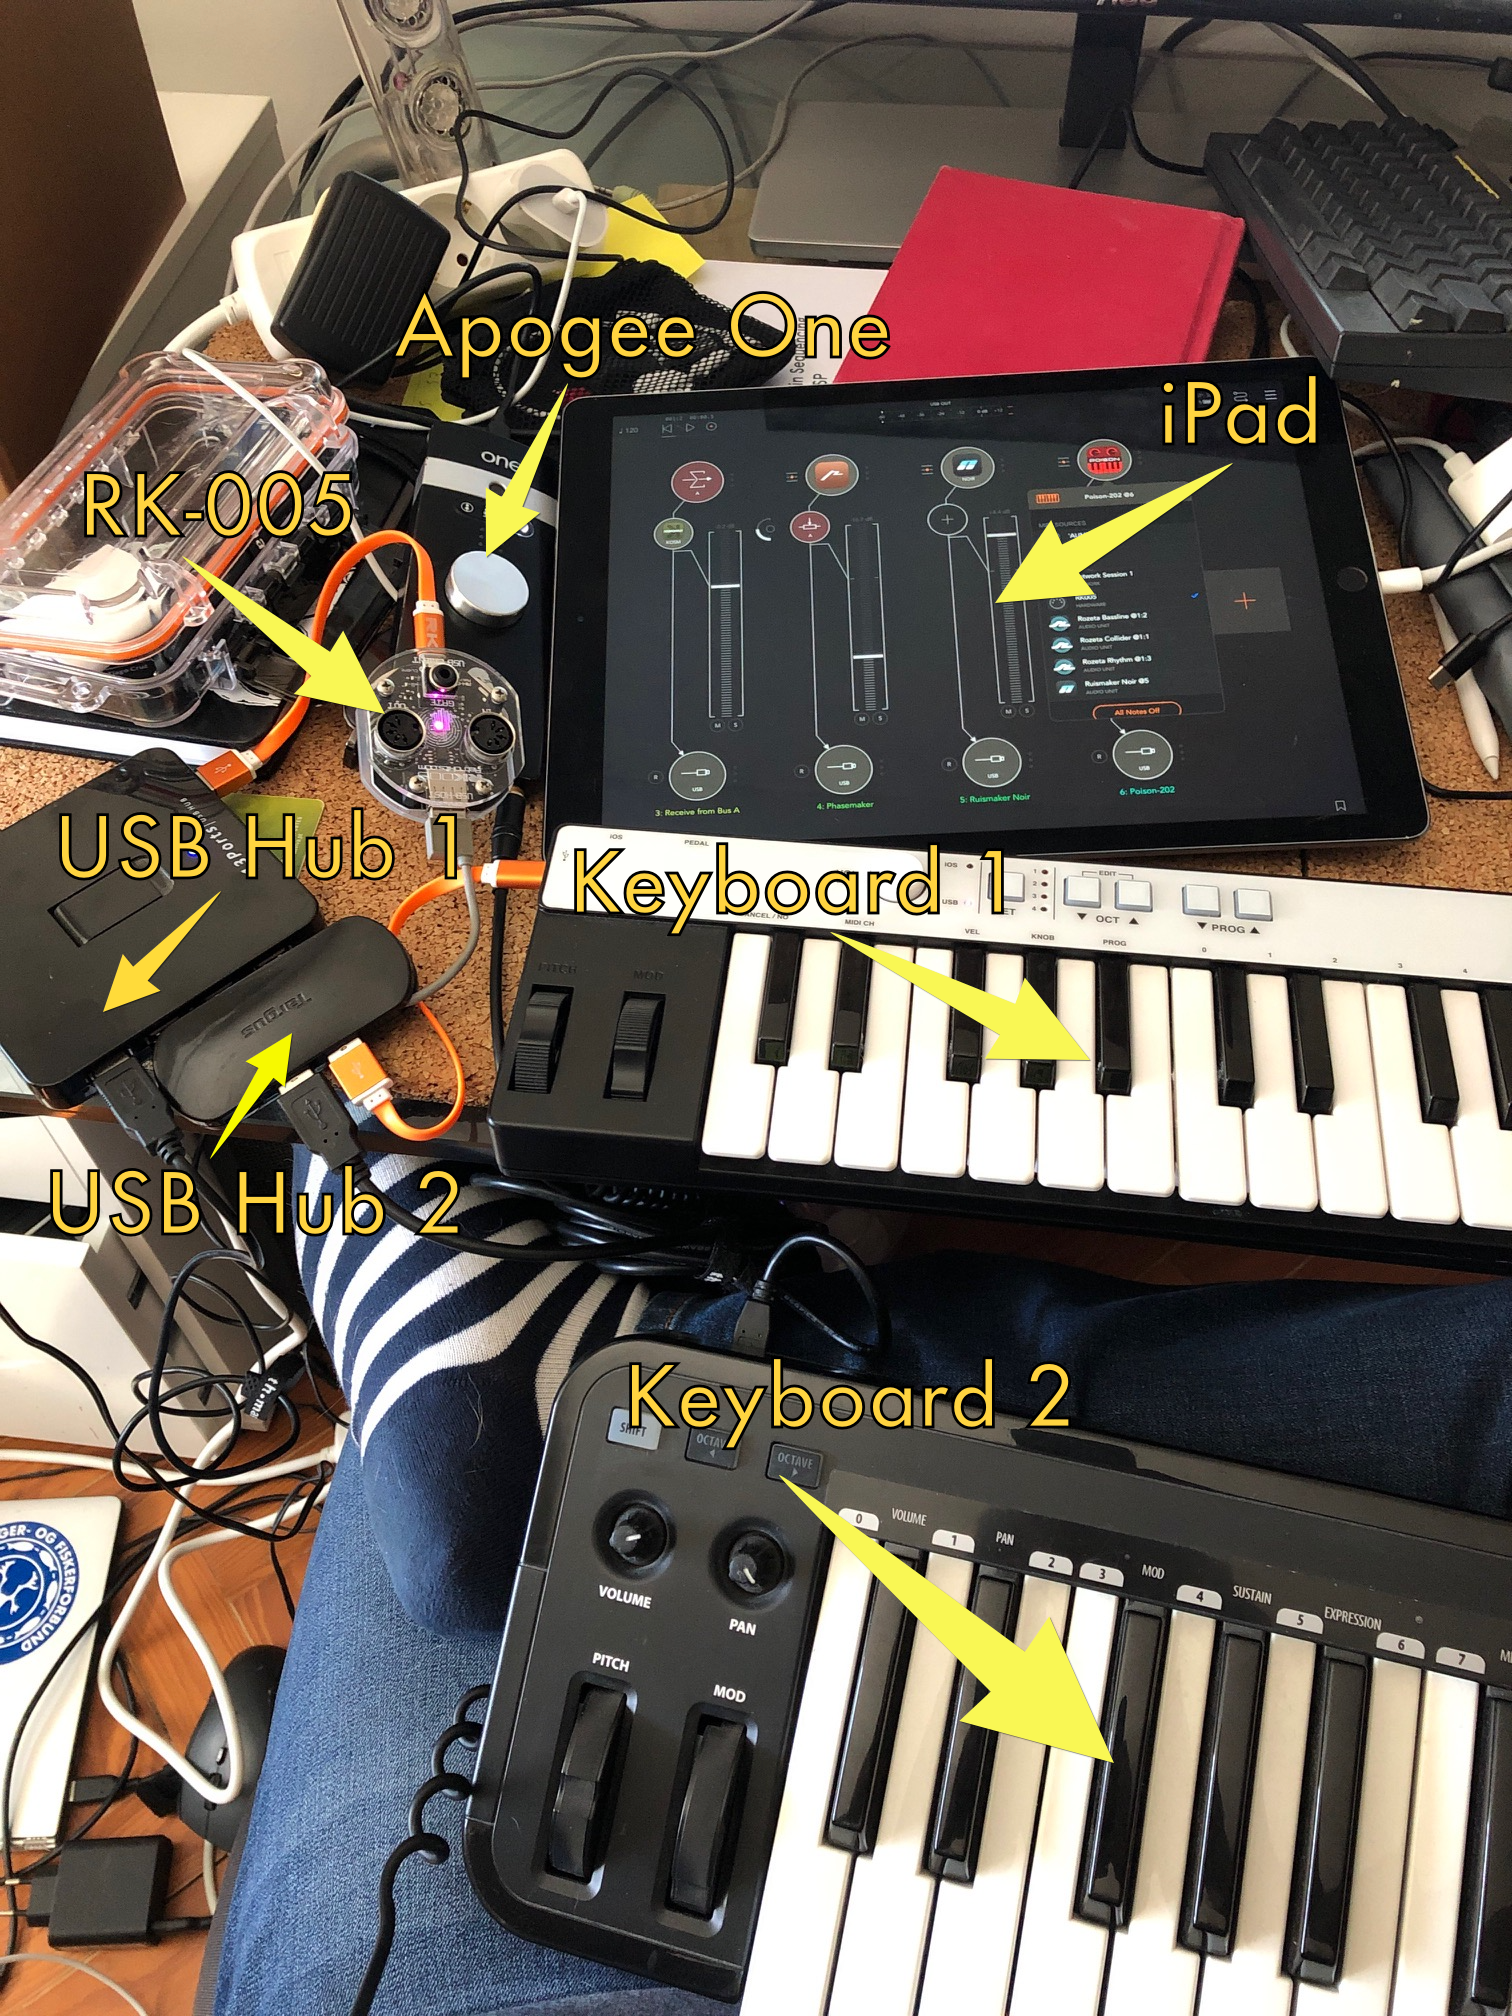 iPad Audio Setup